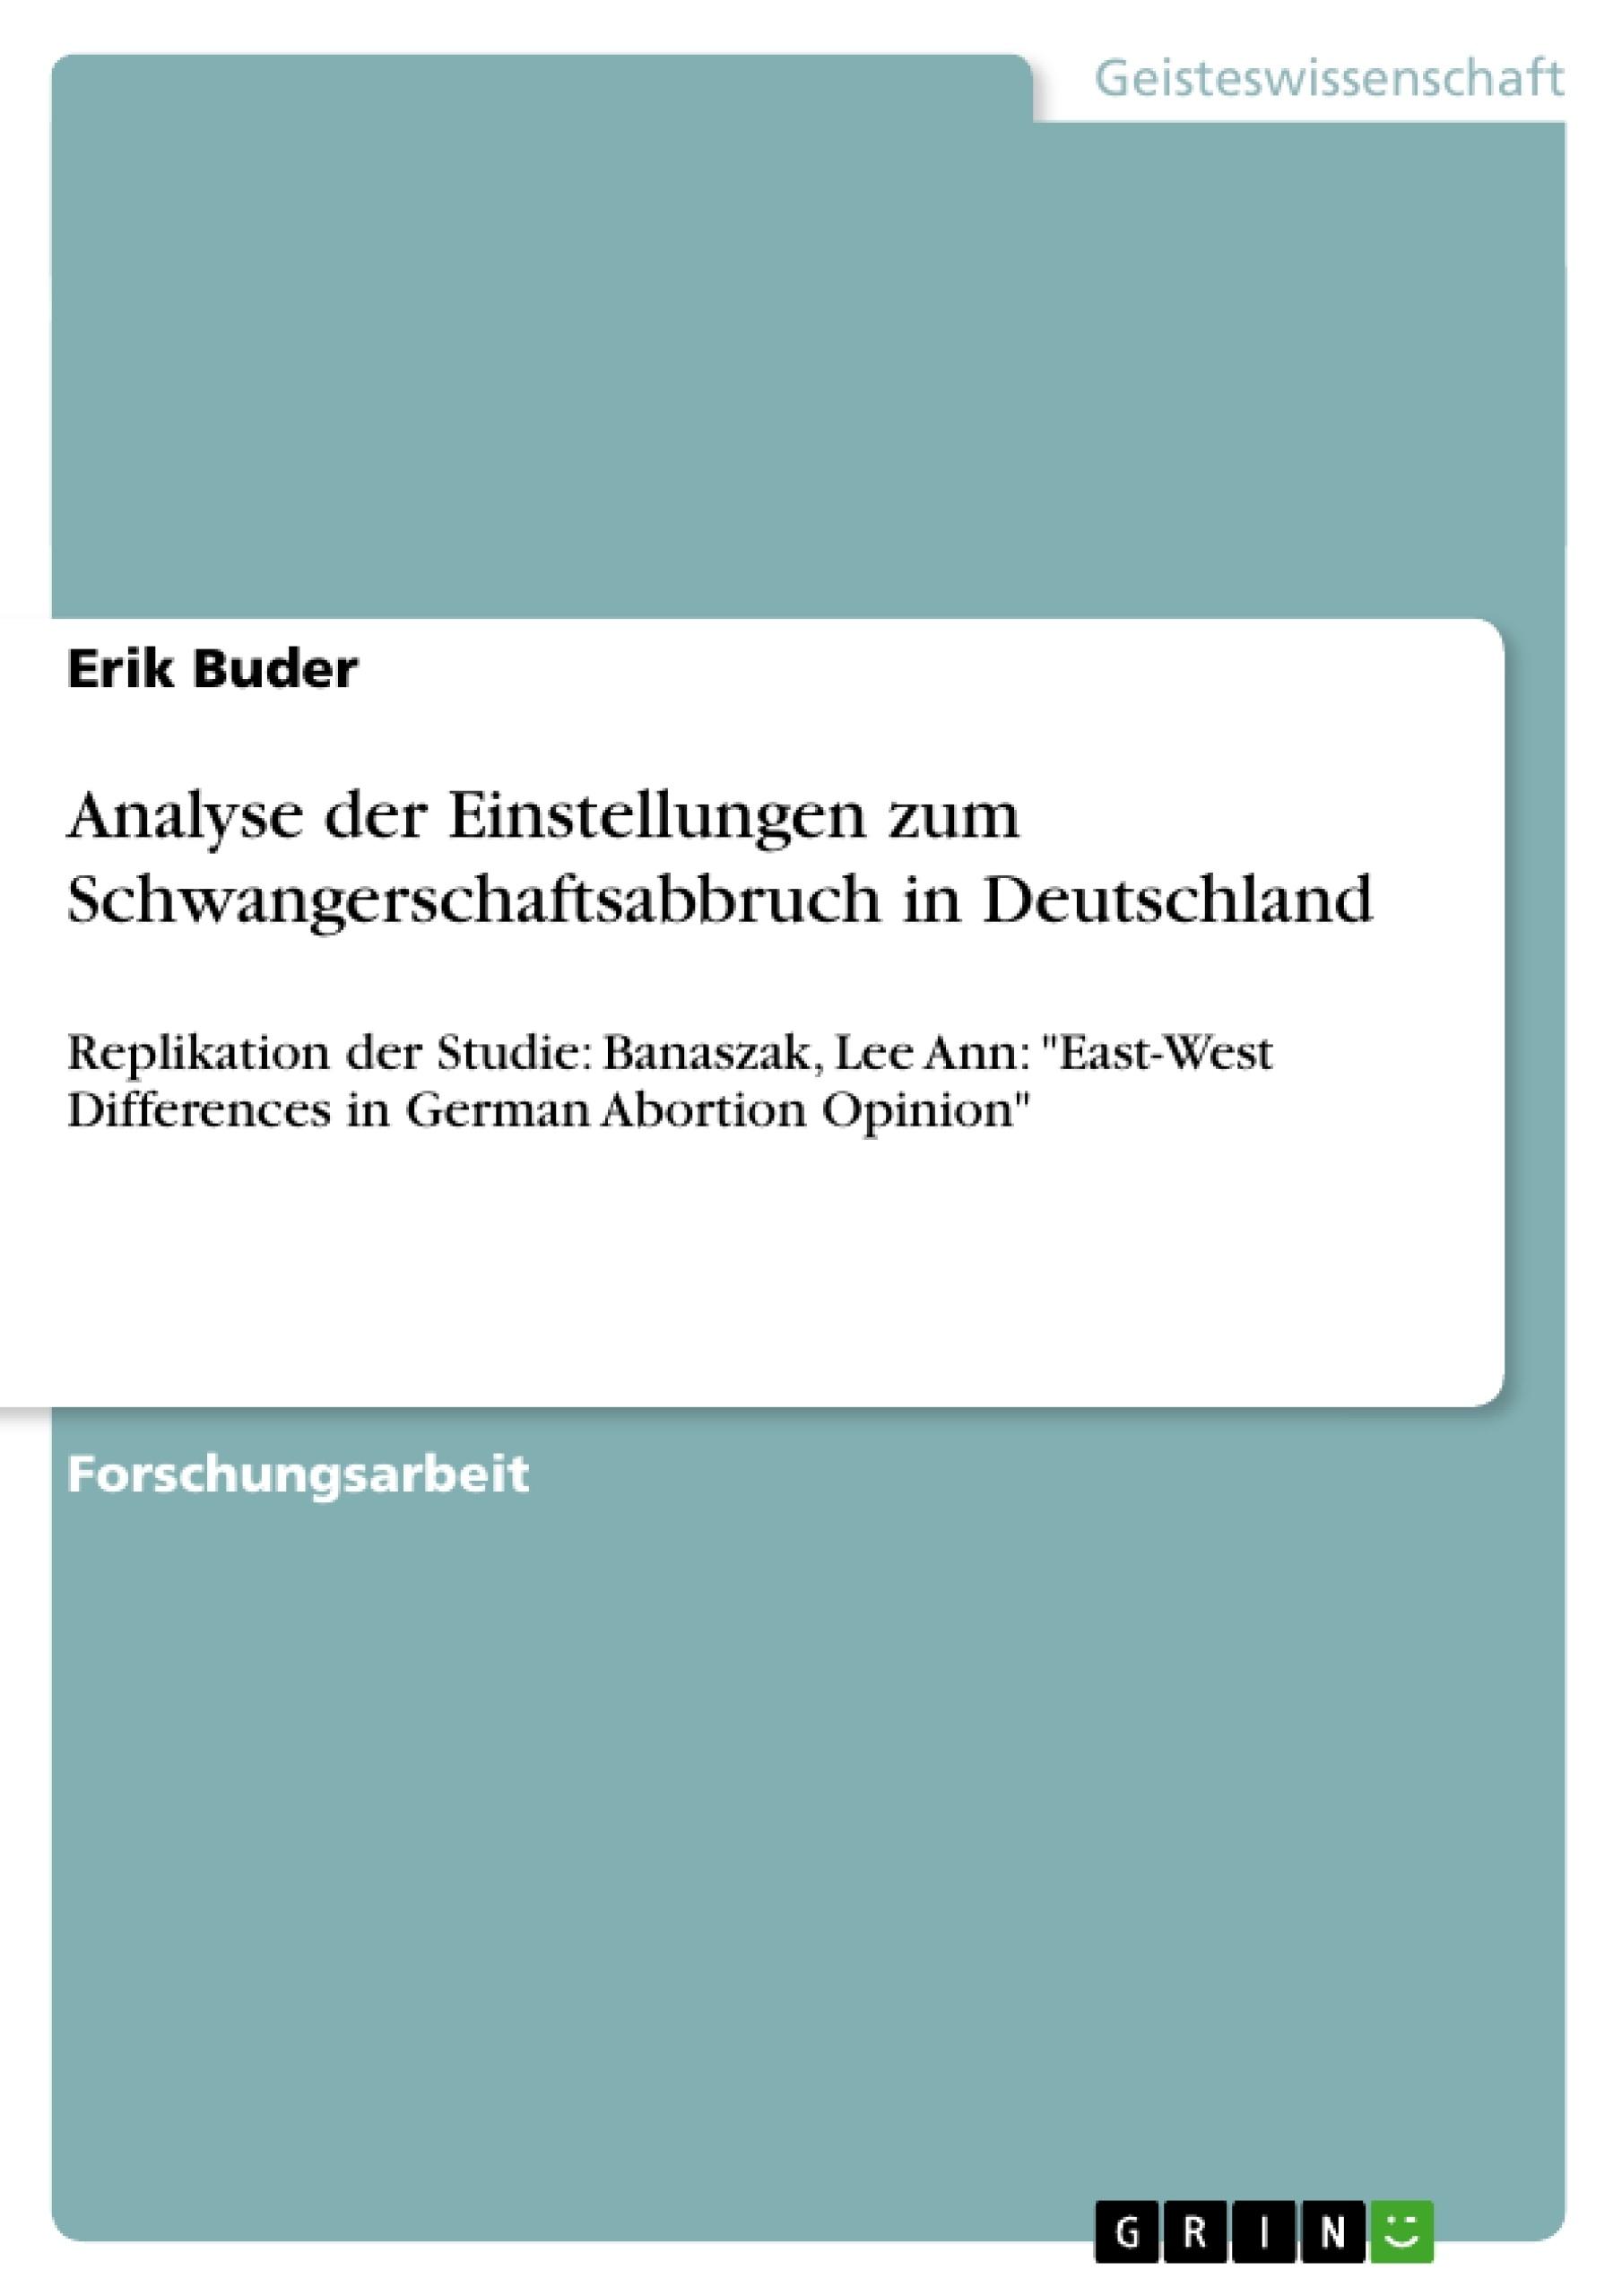 Titel: Analyse der Einstellungen zum Schwangerschaftsabbruch in Deutschland